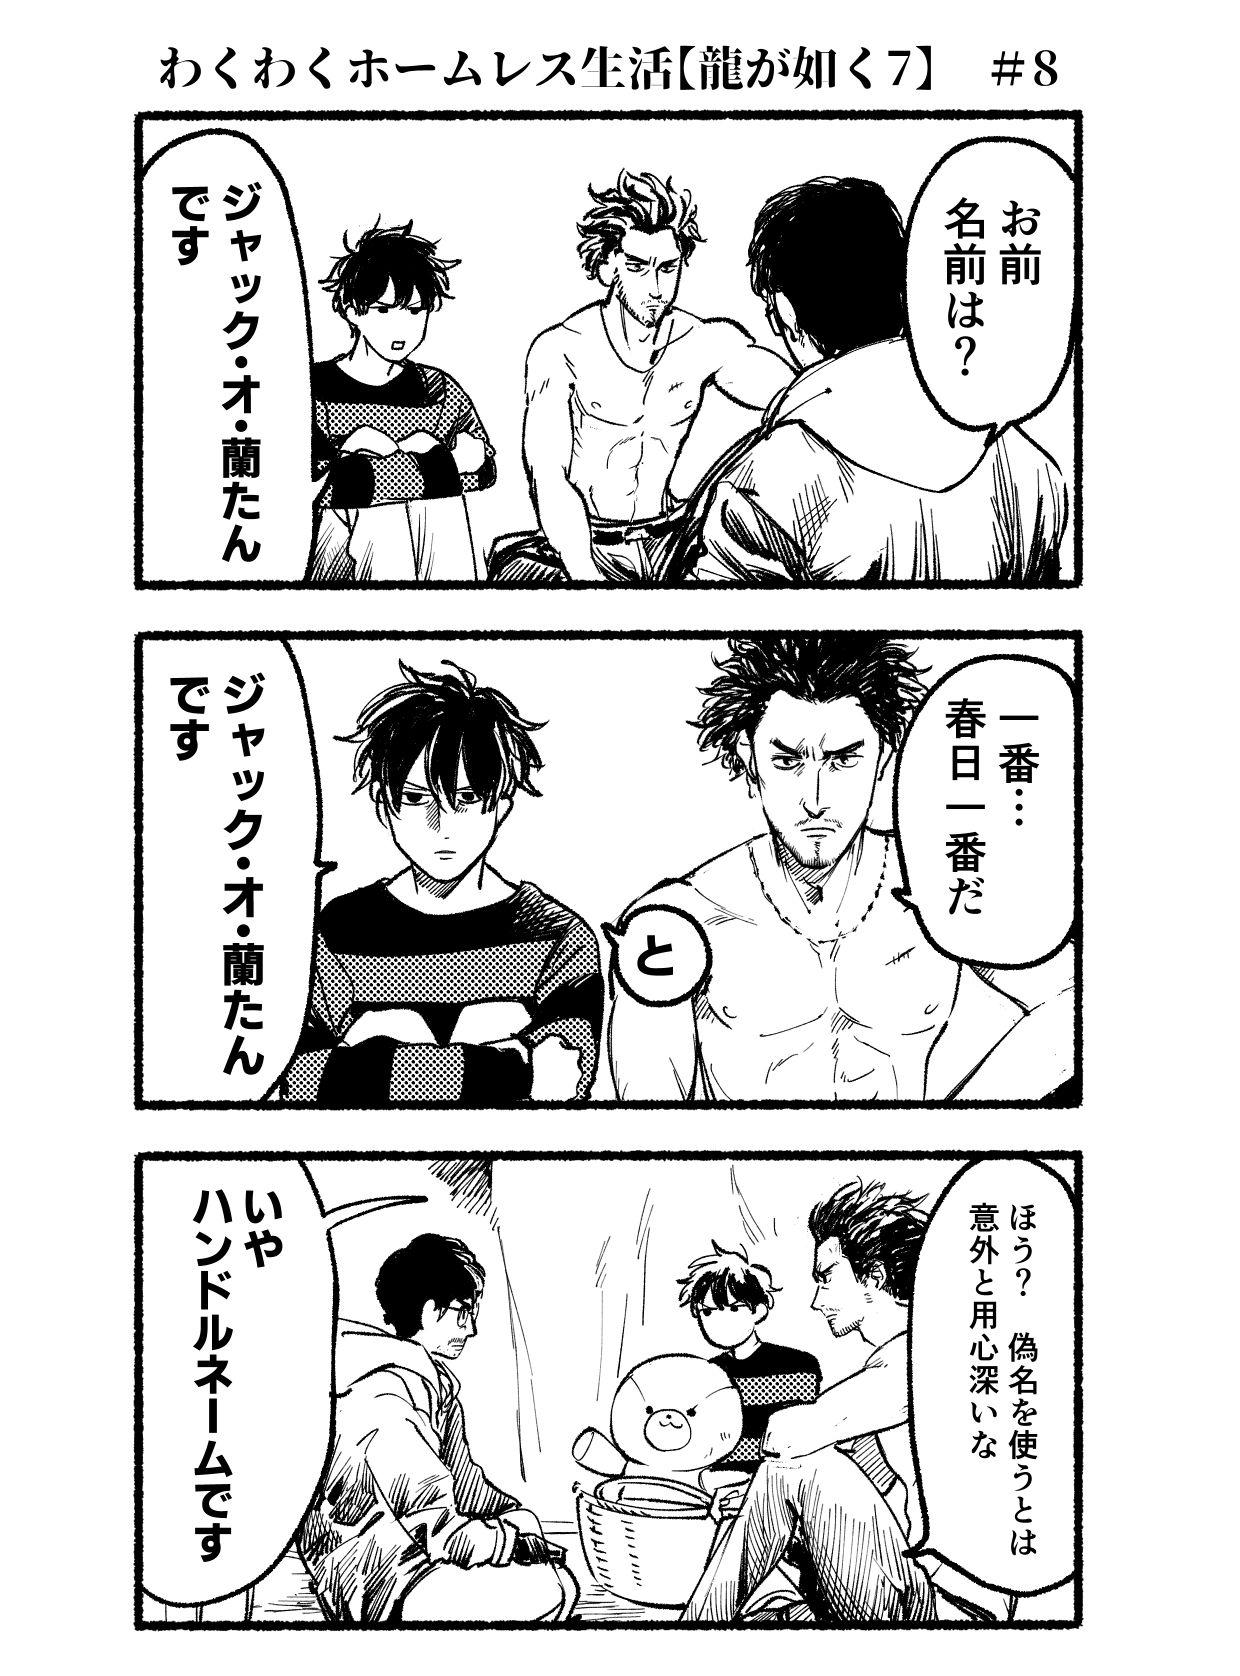 南風 On Twitter Comics Anime Peanuts Comics